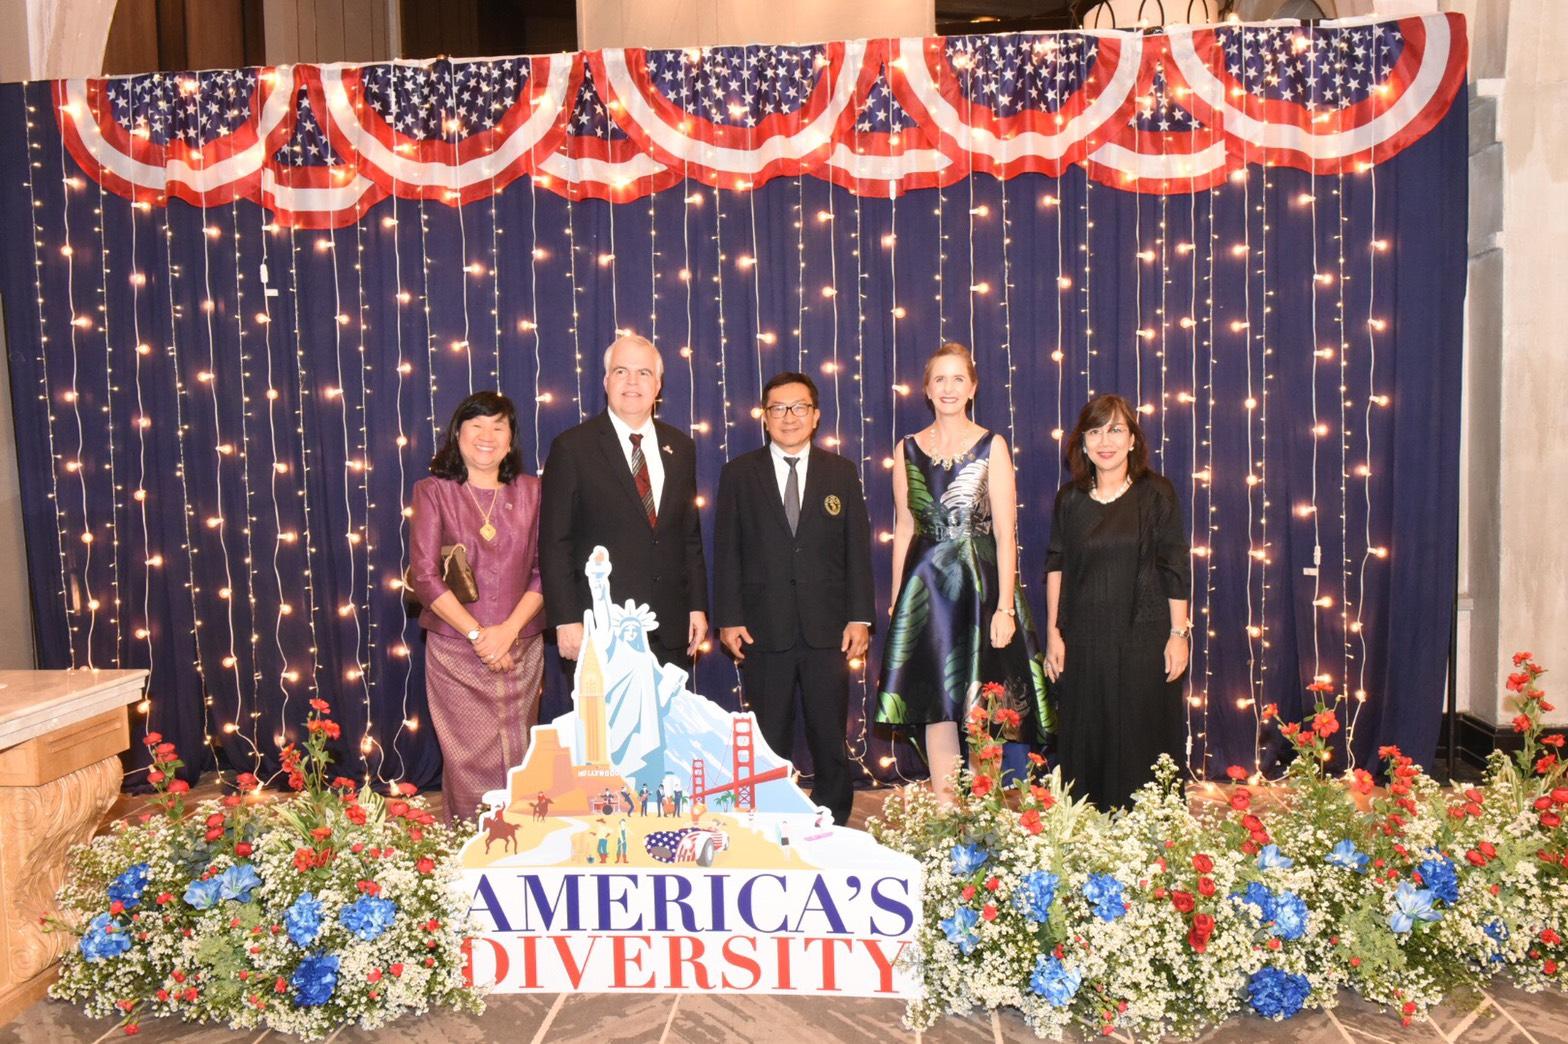 ร่วมงานครบรอบ 243 ปี วันชาติสหรัฐอเมริกา (The 243rd Anniversary of the Independence of the United State of America)